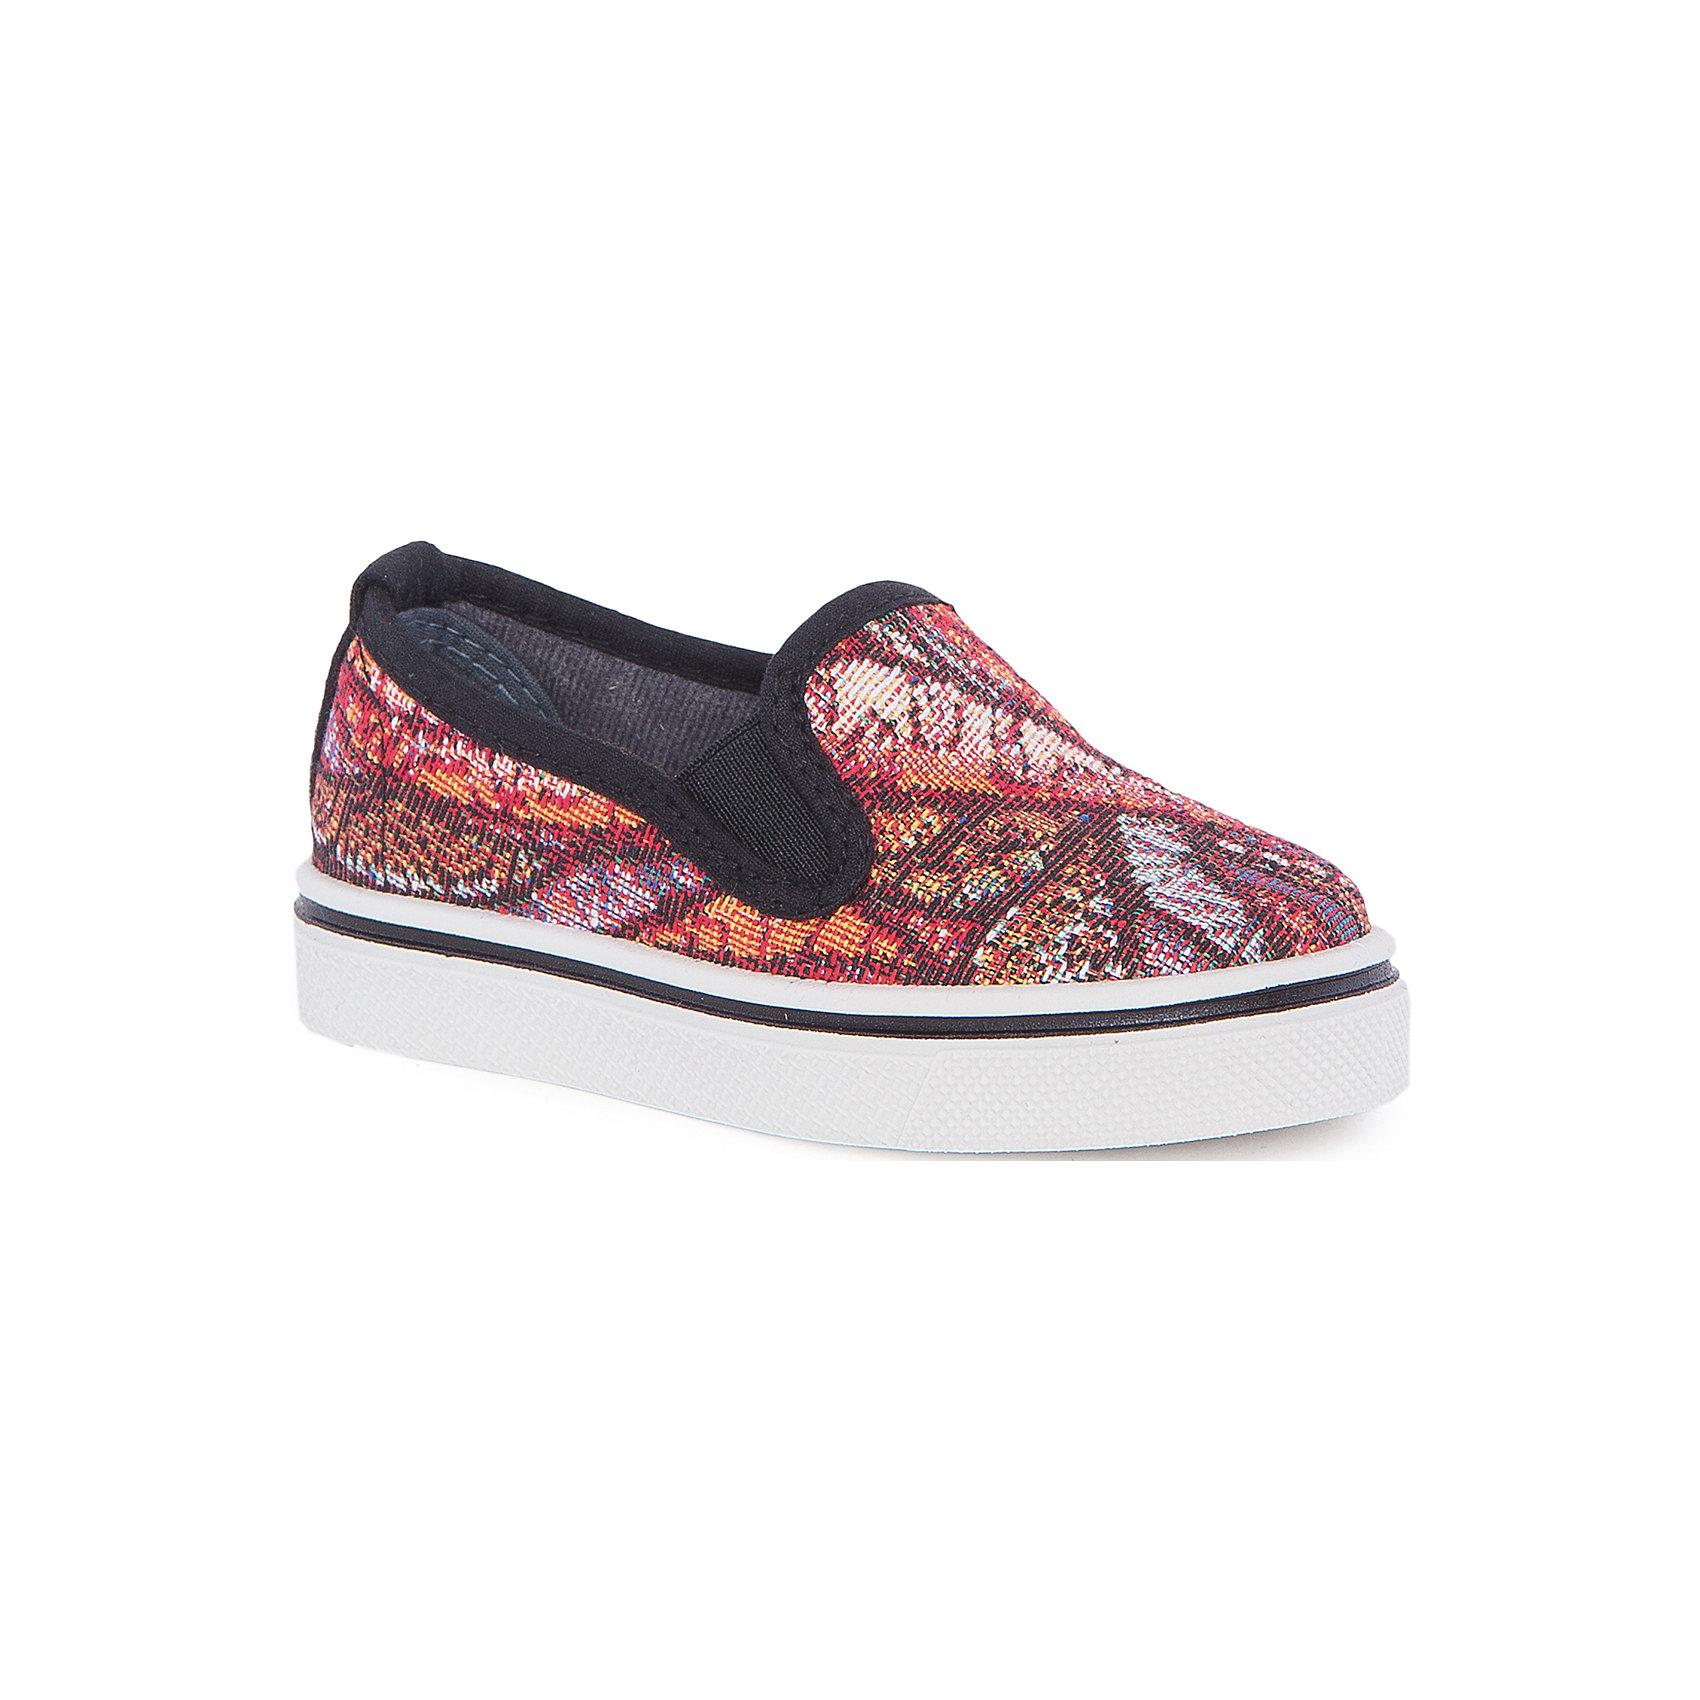 Слипоны для девочки  CHICCOСлипоны<br>Слипоны для девочки CHICCO<br><br>Характеристики:<br><br>Тип застежки: без застежки<br>Тип обуви: спортивные<br>Особенности обуви: мягкие мокасины на резиновой подошве<br><br>Декоративные элементы: боковые резинки<br>Цвет: черный<br><br>Материал: 100% текстиль<br><br>Слипоны для девочки CHICCO можно купить в нашем интернет-магазине.<br><br>Ширина мм: 227<br>Глубина мм: 145<br>Высота мм: 124<br>Вес г: 325<br>Цвет: черный<br>Возраст от месяцев: 84<br>Возраст до месяцев: 96<br>Пол: Женский<br>Возраст: Детский<br>Размер: 31,32,33,34,22,23,24,25,26,27,28,29,30<br>SKU: 5082883